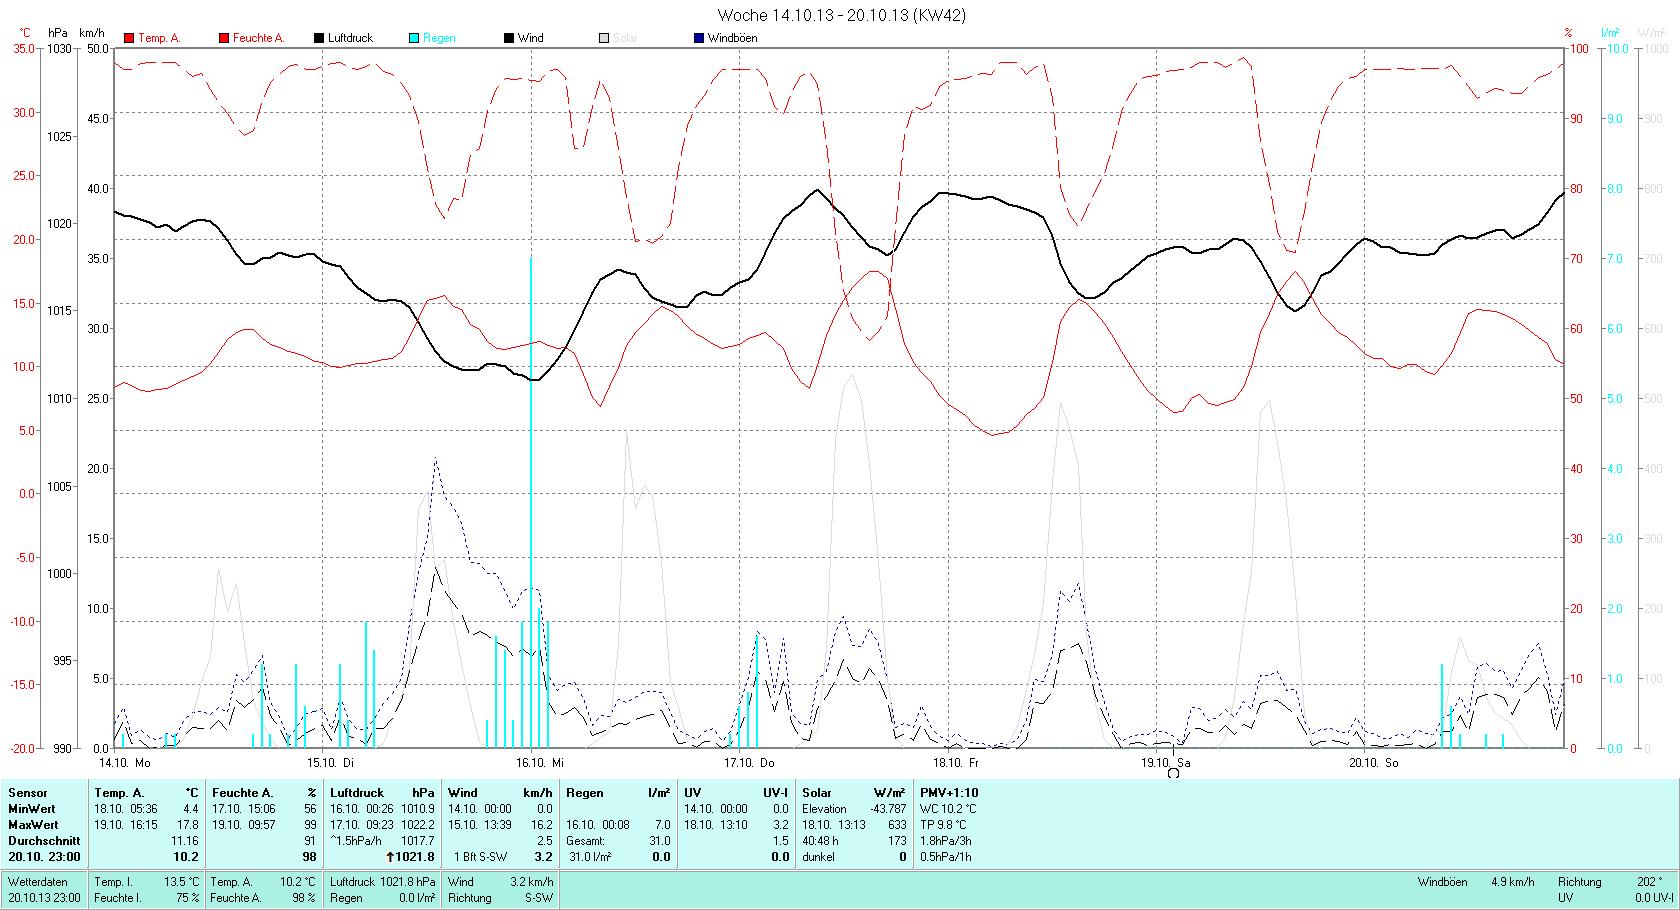 KW 42 Tmin  4.4°C, Tmax 17.8°C, Sonne 30:36h, Niederschlag 31.0mm/2